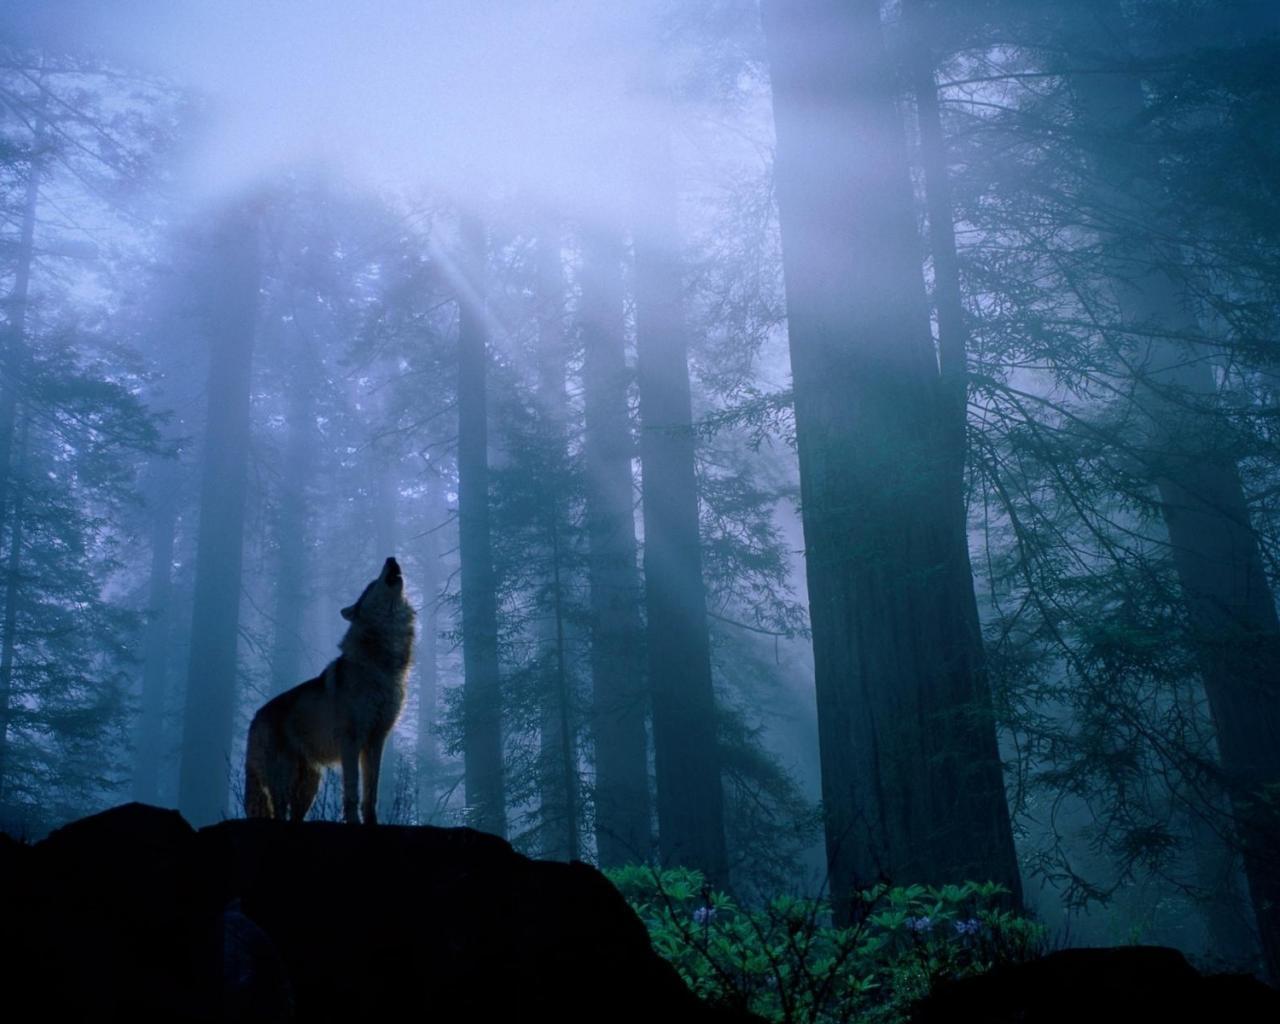 скачать картинку волк из ну погоди